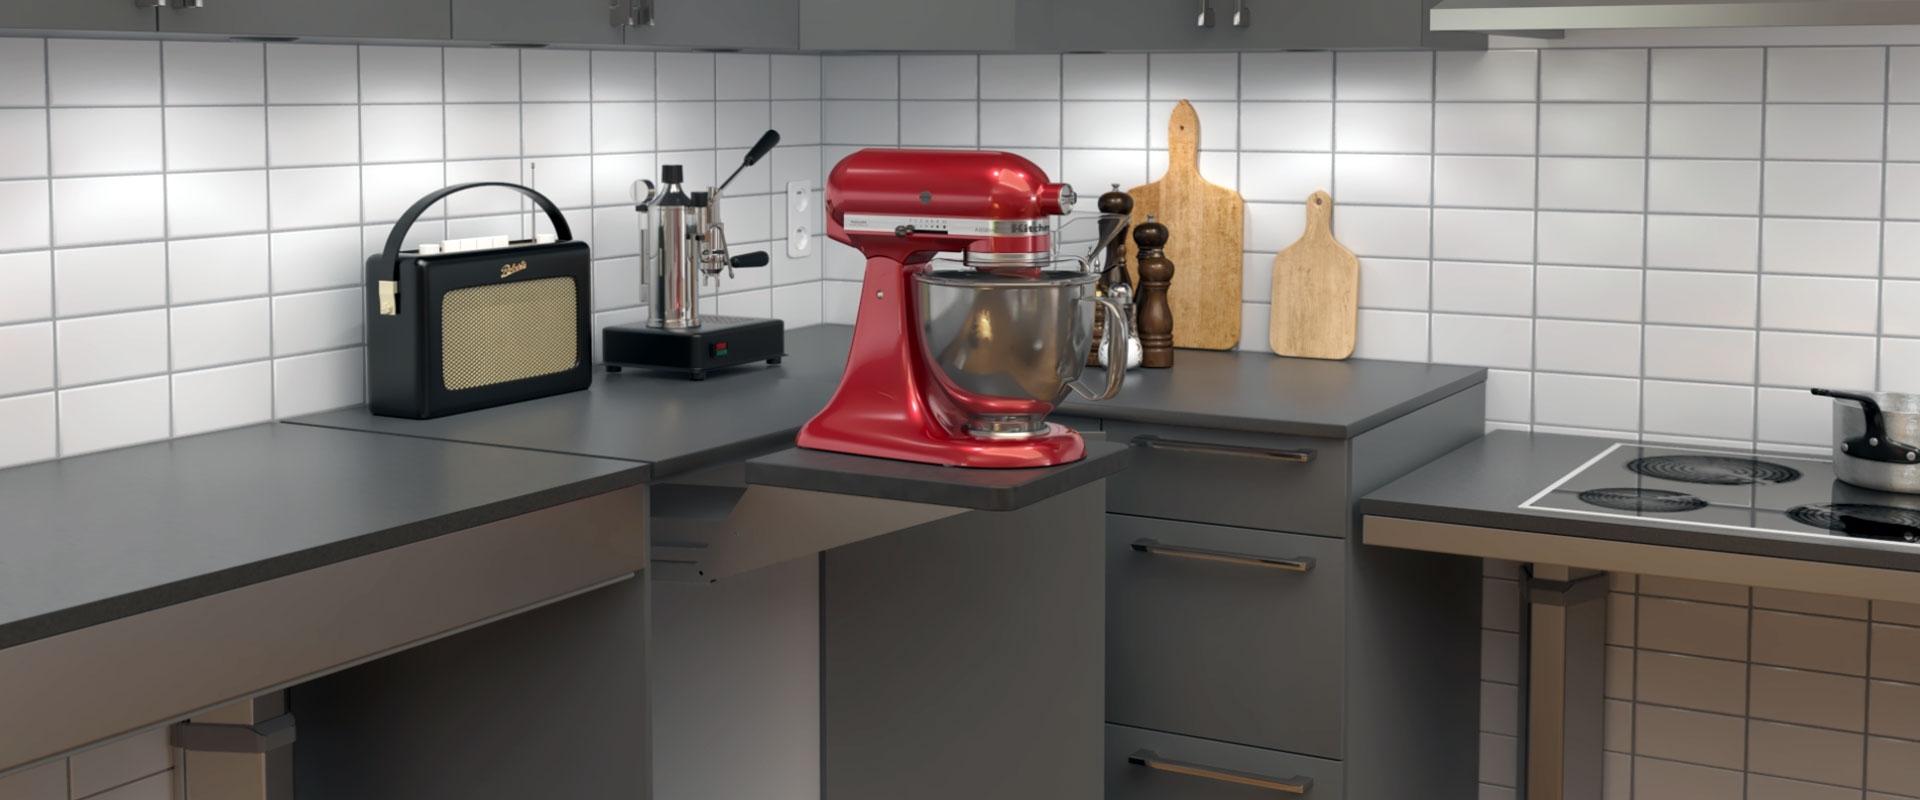 Unilift - Der Lift für Ihre Küchenmaschine